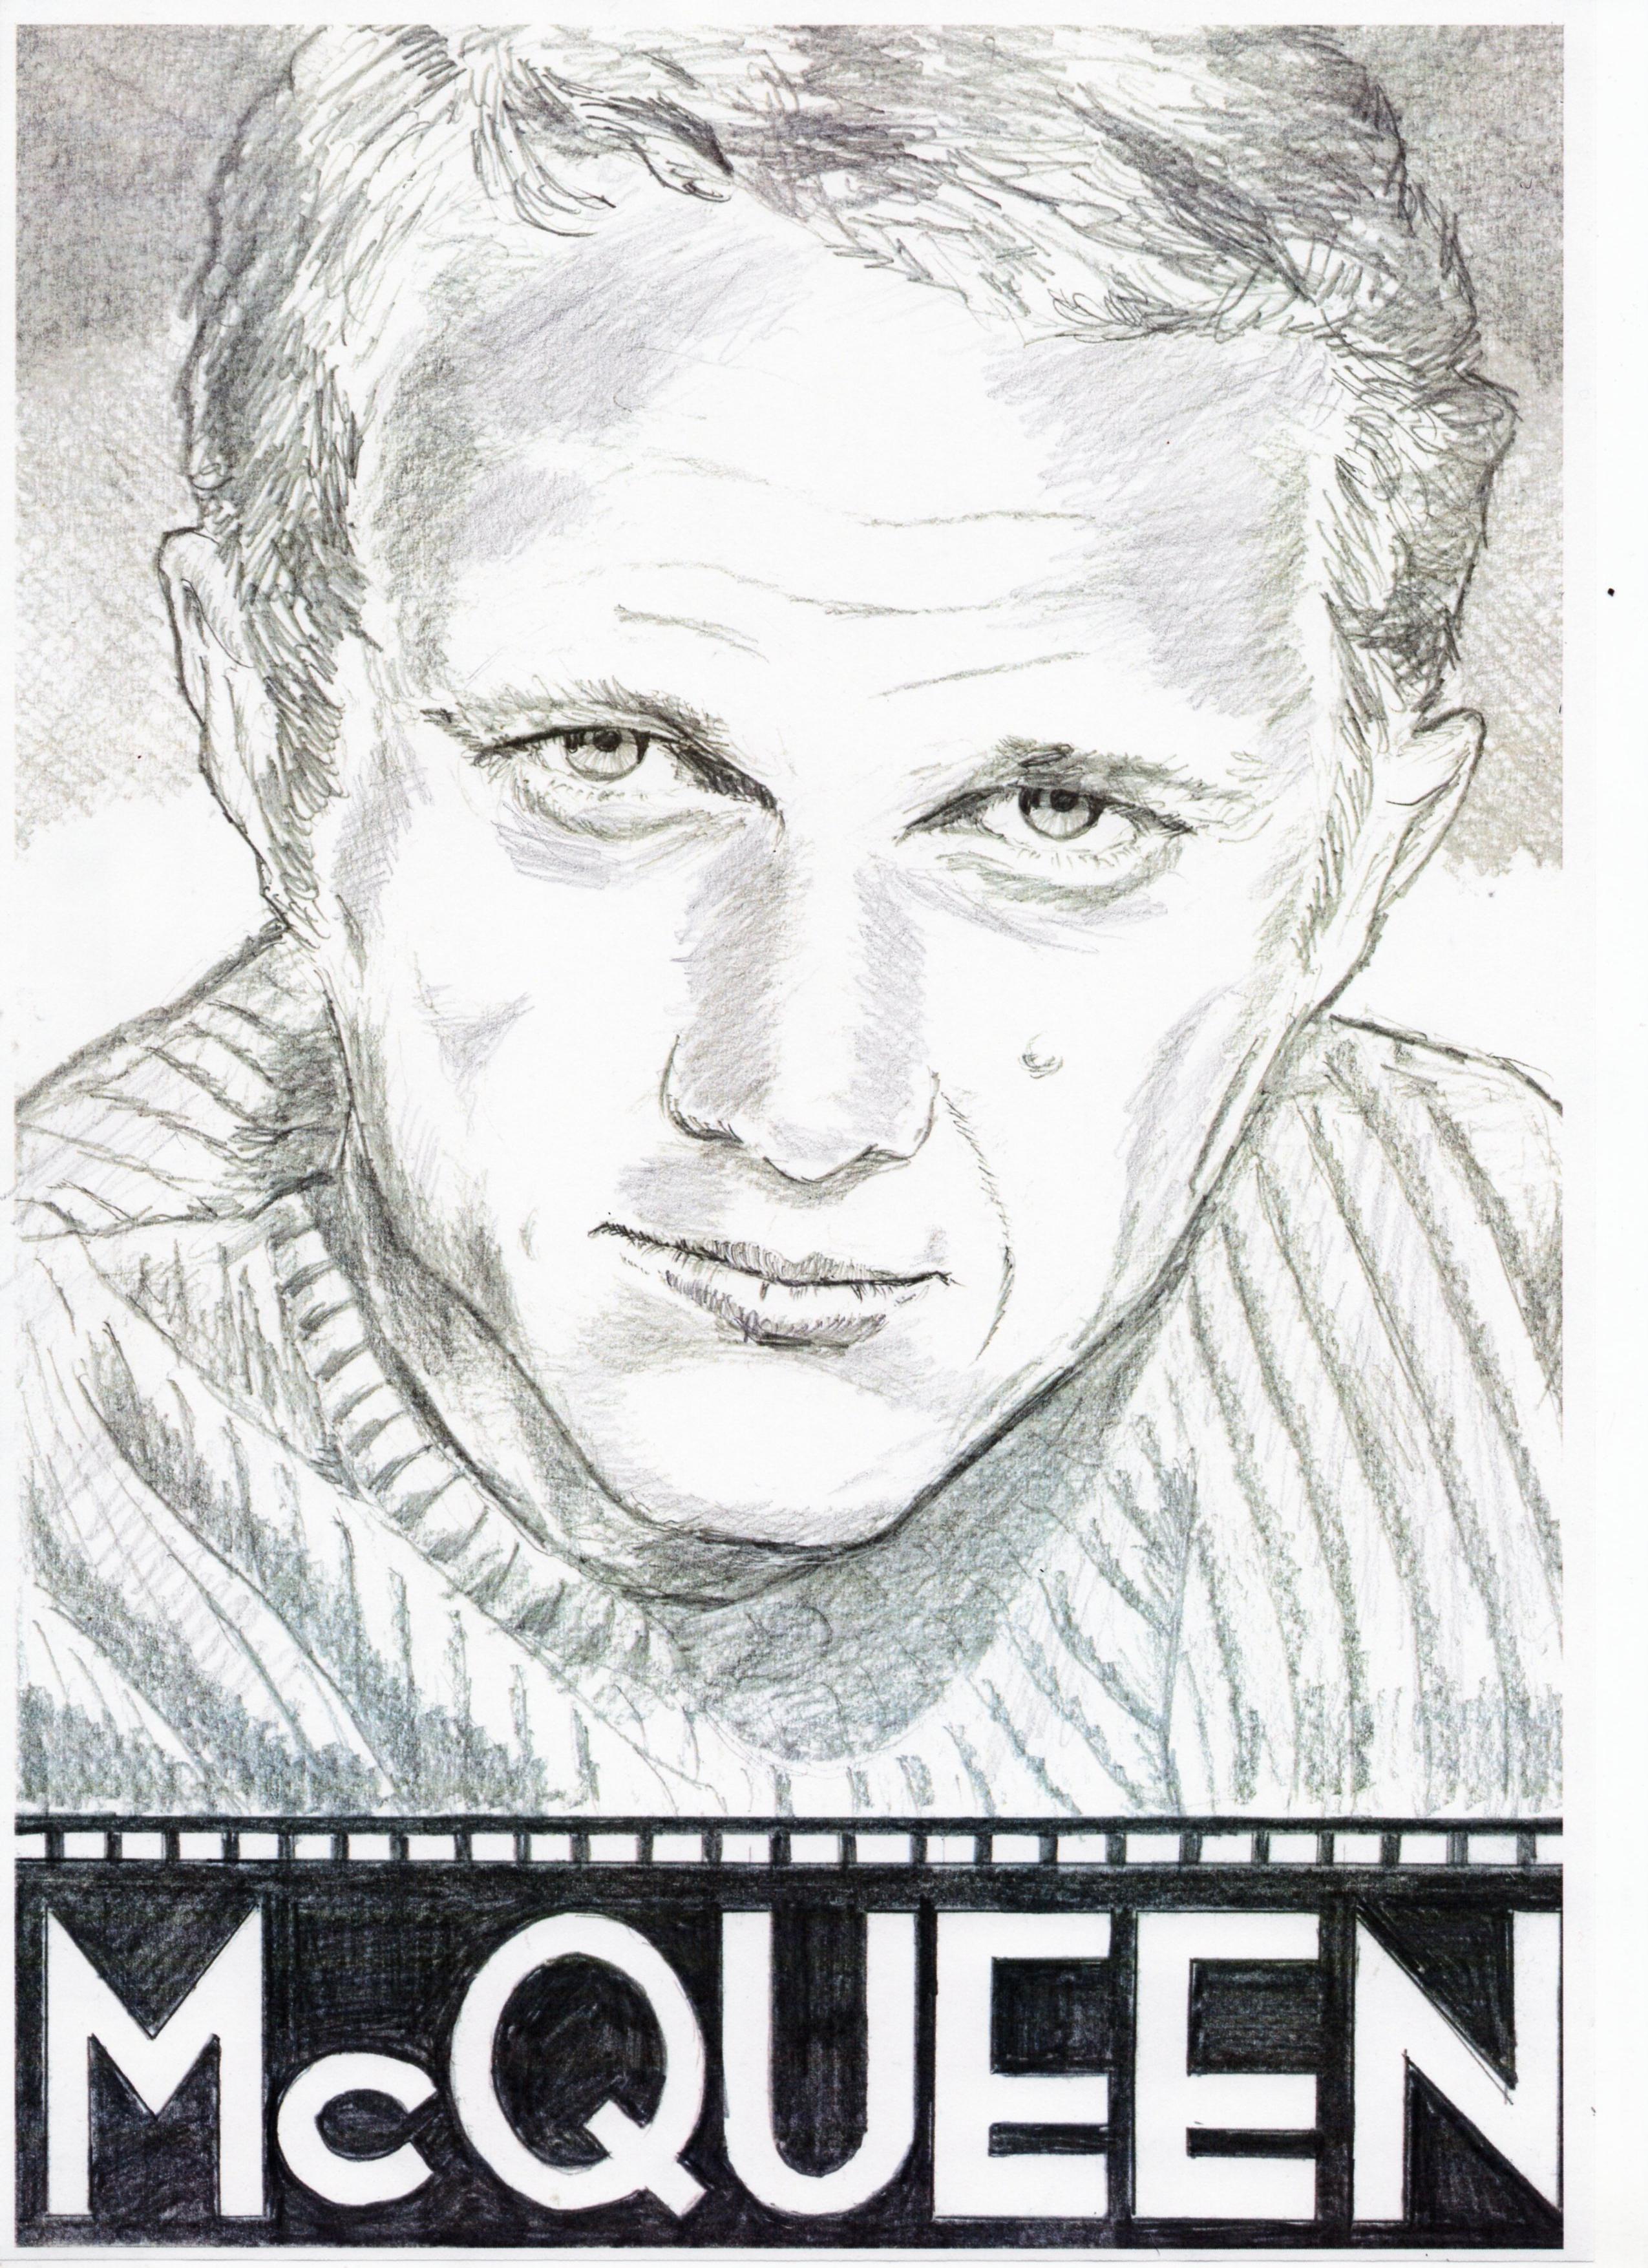 スティーブ・マックイーンの鉛筆画~似顔絵